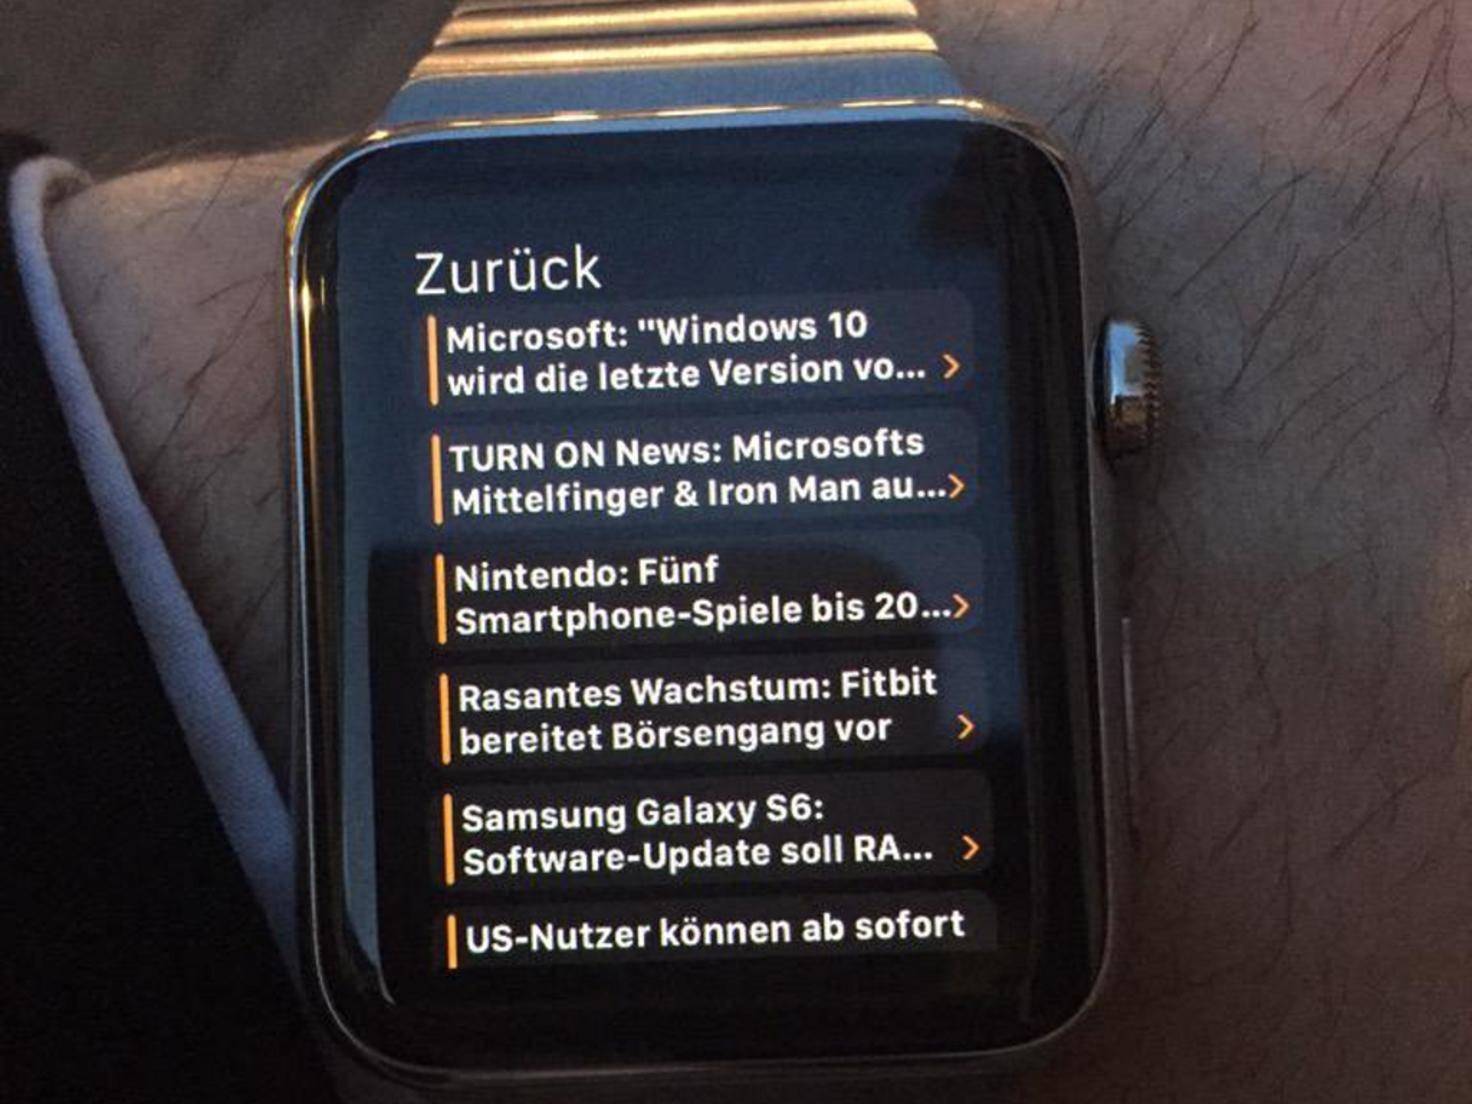 Auch mit der Apple Watch kannst Du die News von TURN ON bequem lesen.